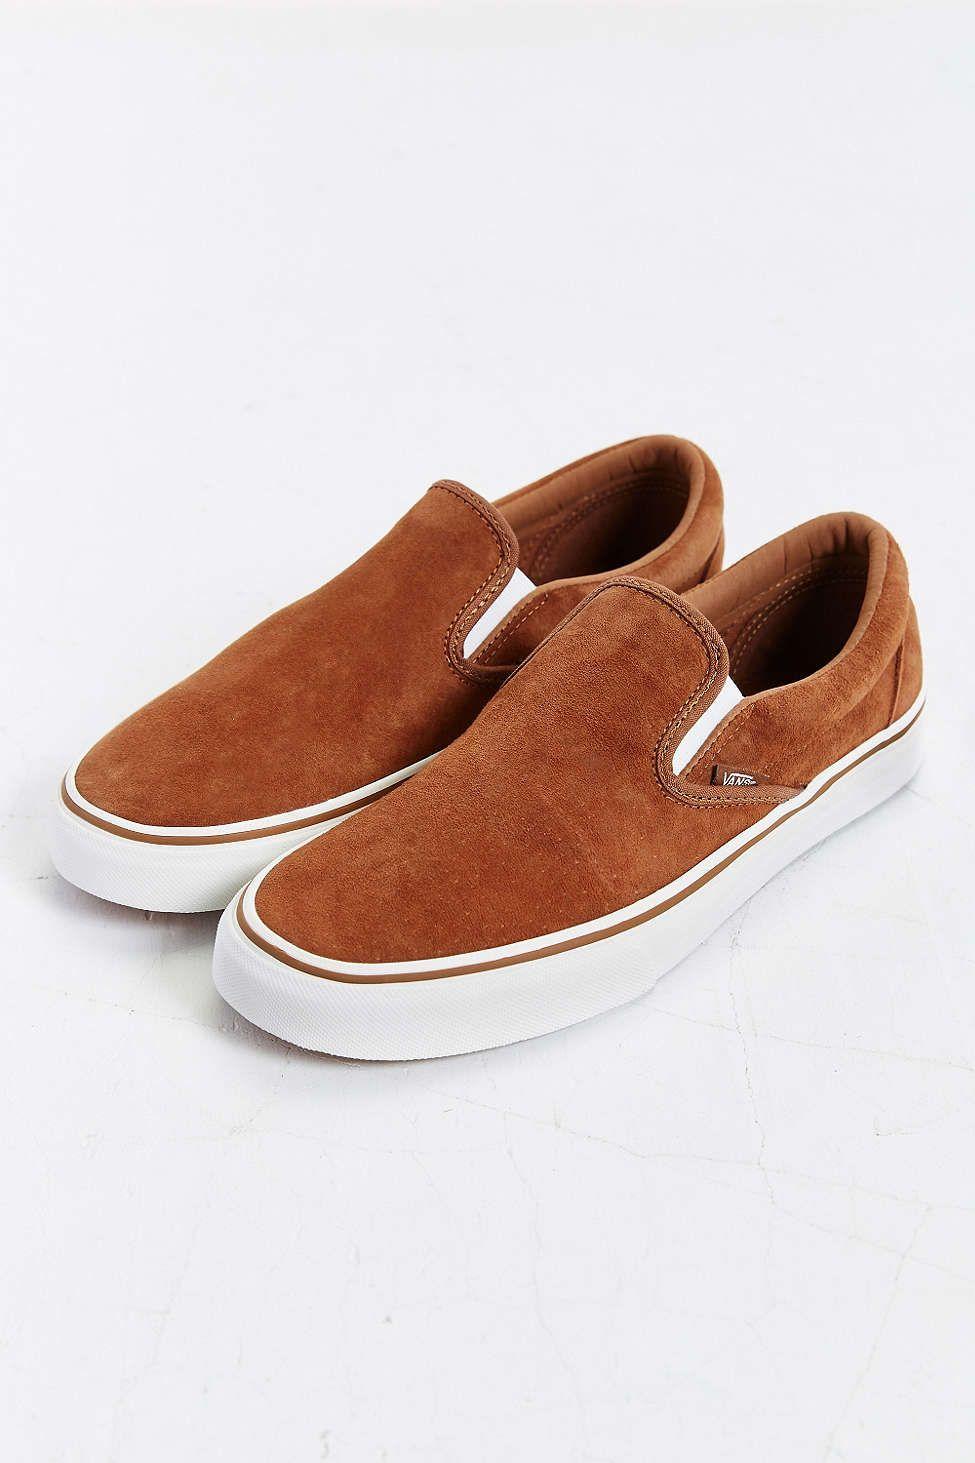 Vans Classic Suede Slip-On Sneaker